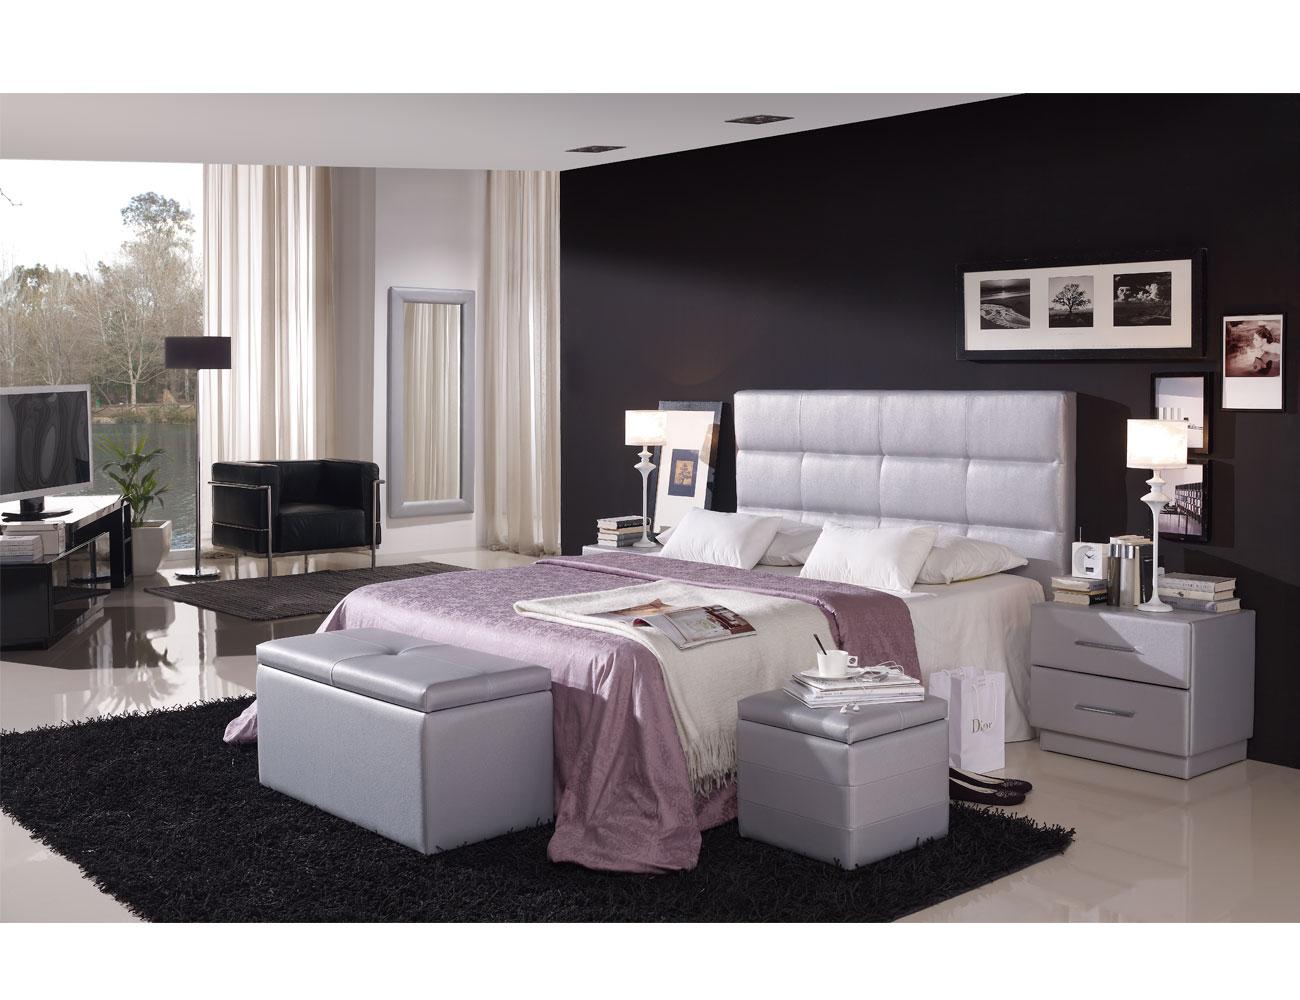 23 marco tapizado dormitorio99